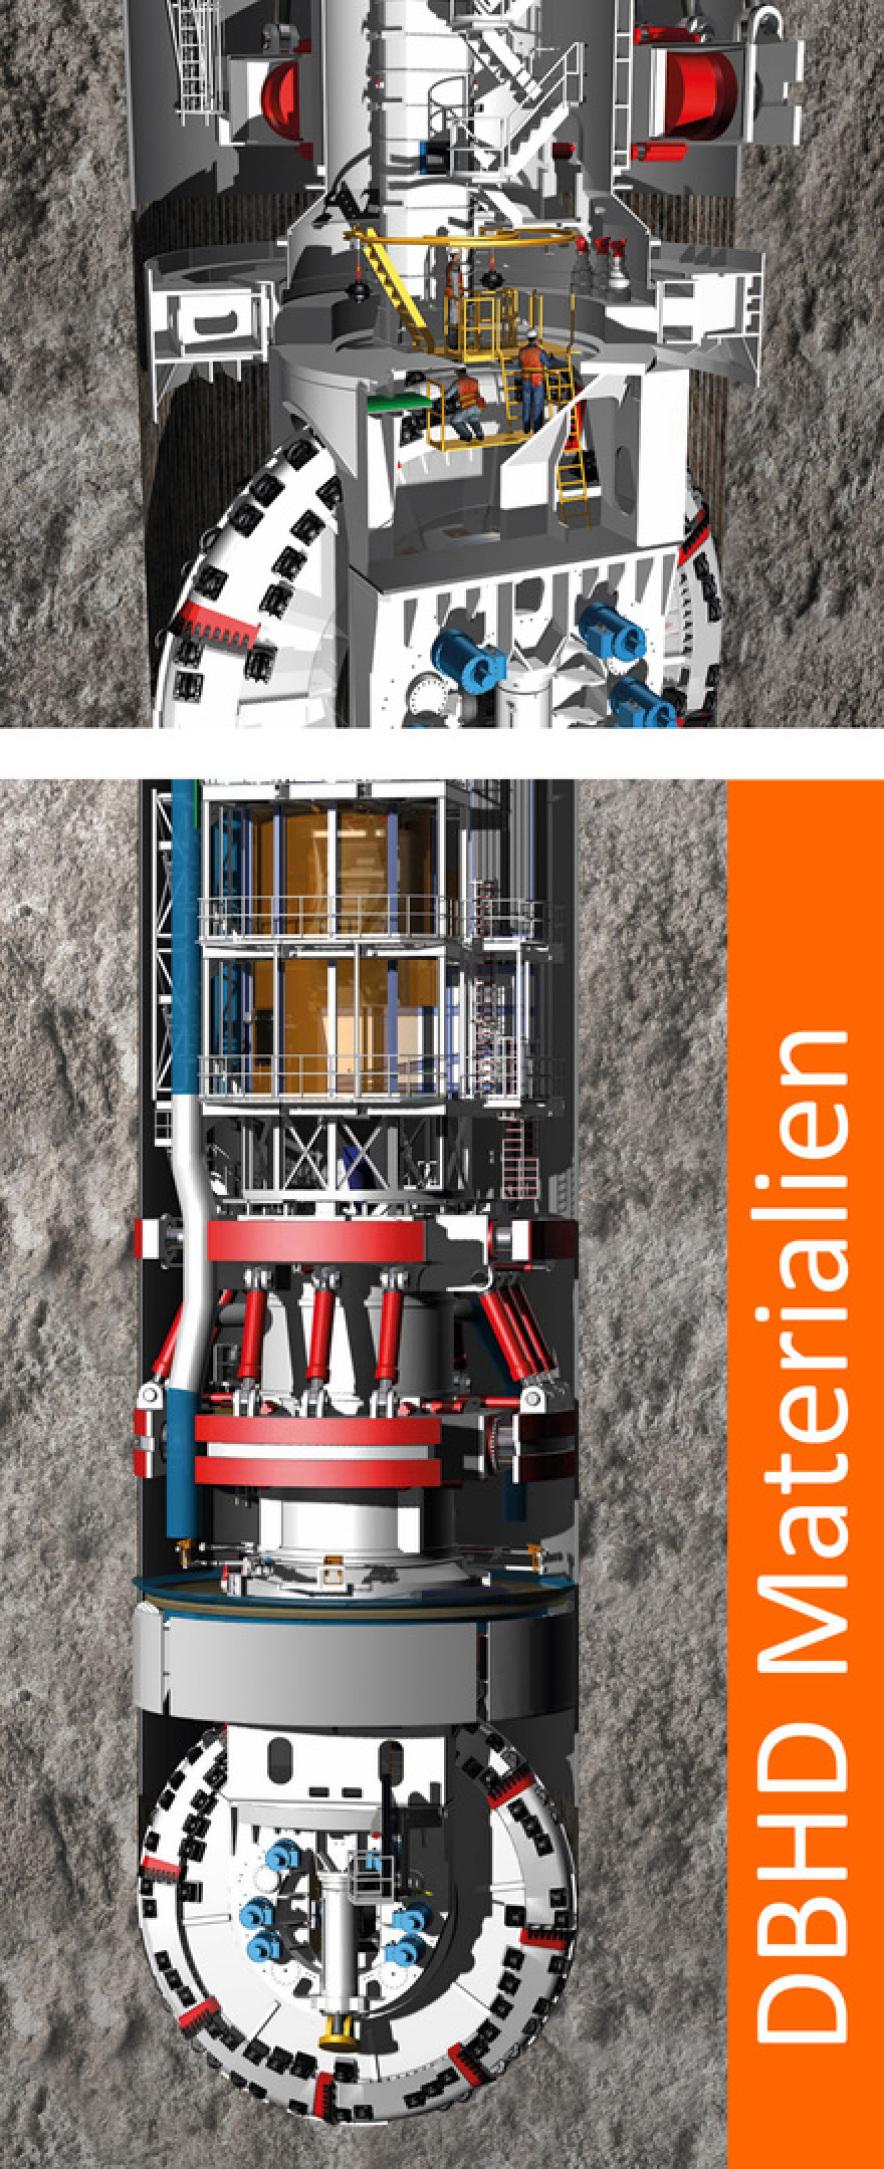 SBM Shaft Boring Machine - by Herrenknecht AG - Schacht Bohren